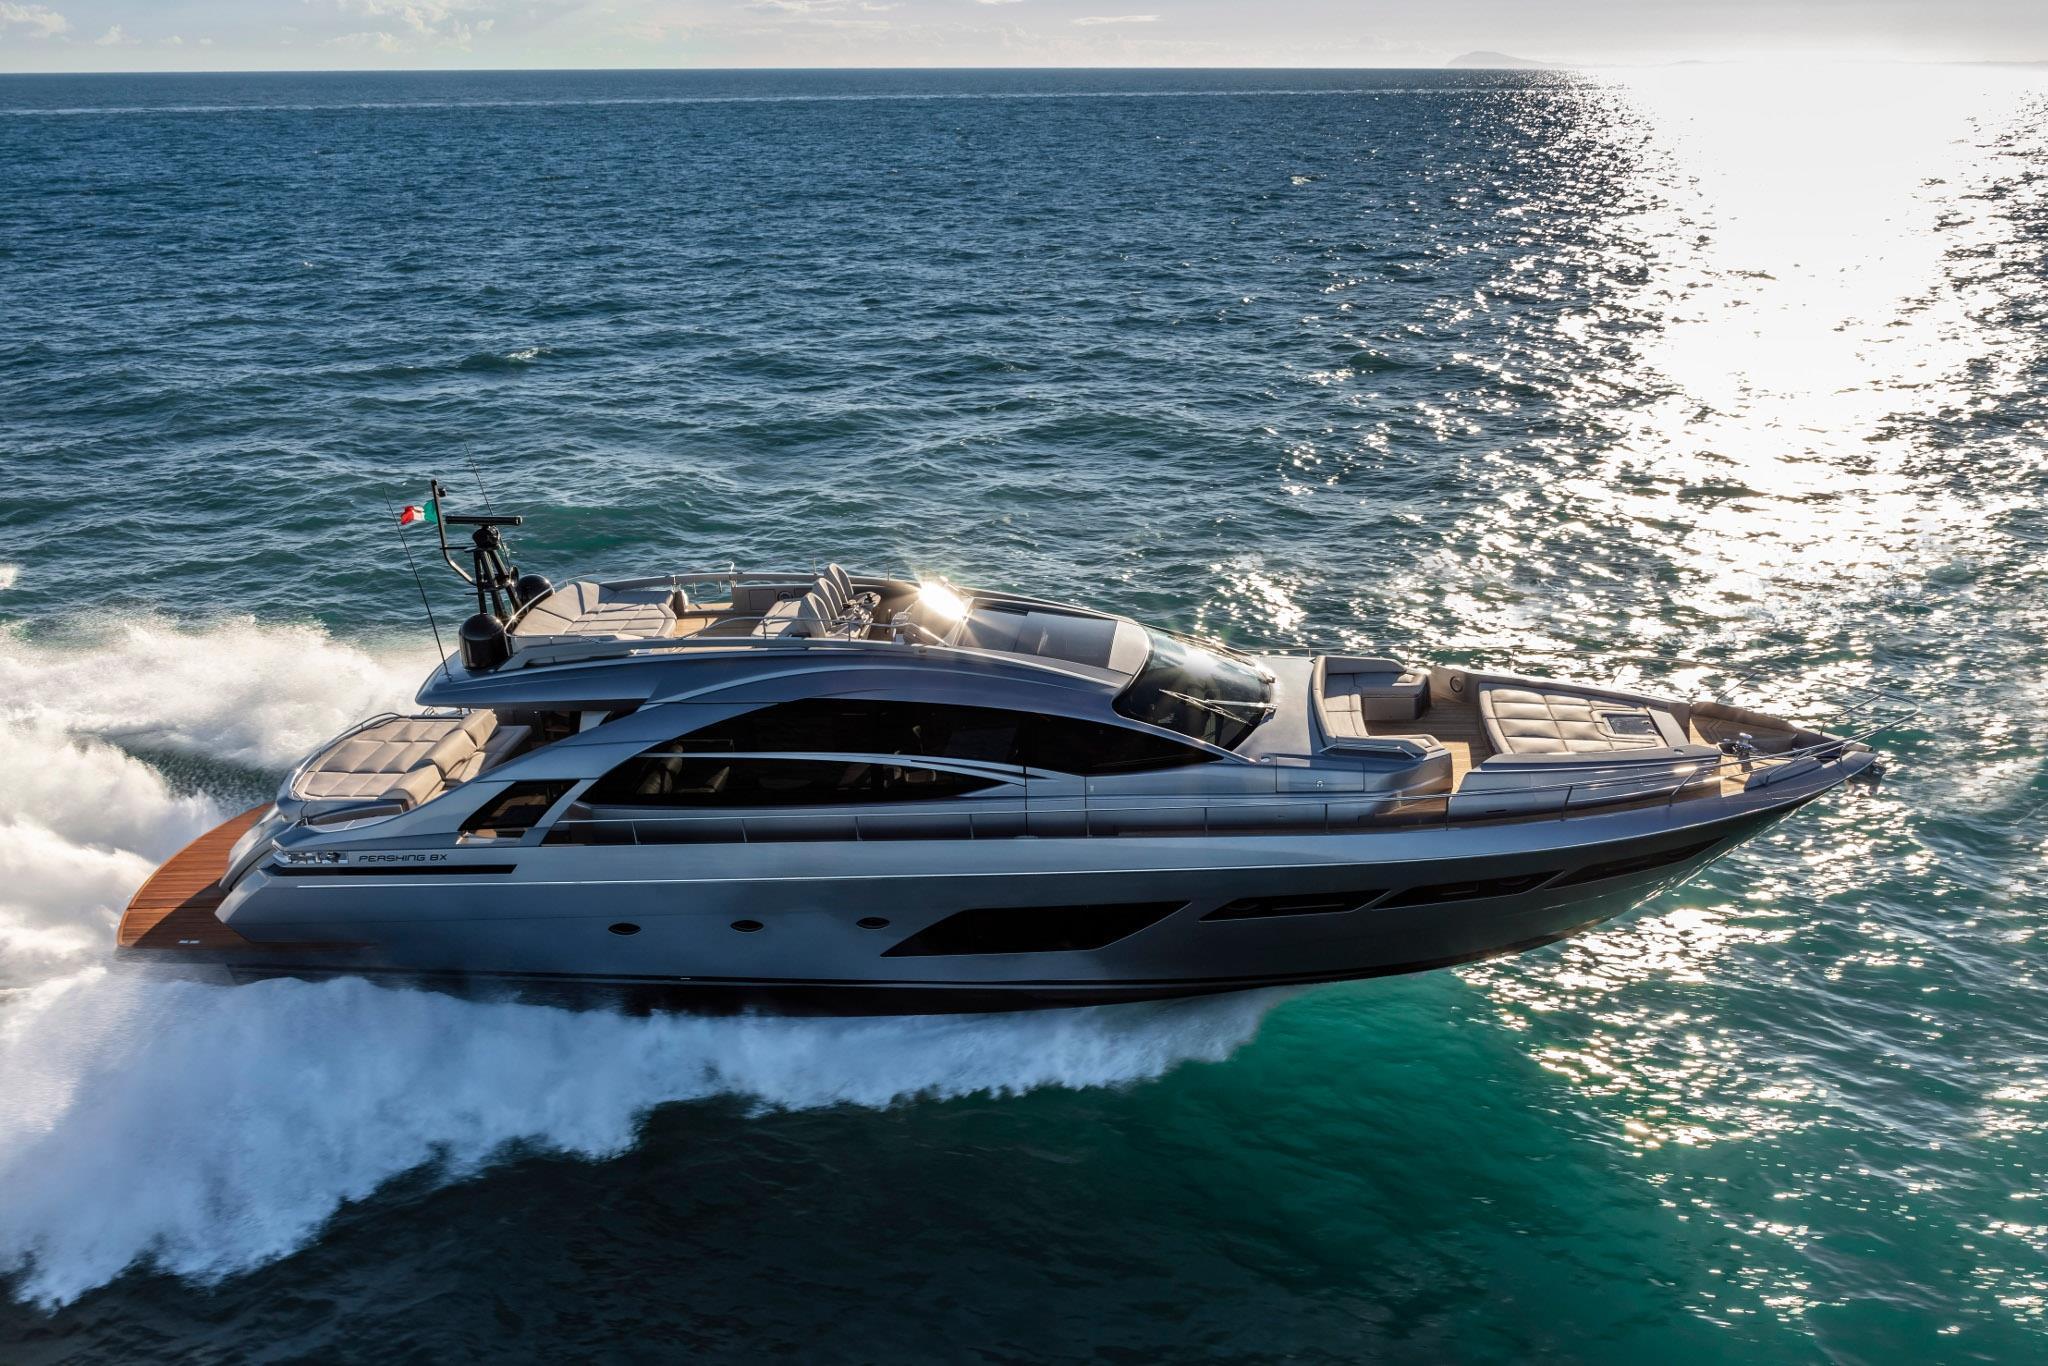 Alquiler de barcos baratos en Ibiza. Barcos baratos de alquiler en Ibiza. Yates baratos en Ibiza de alquiler